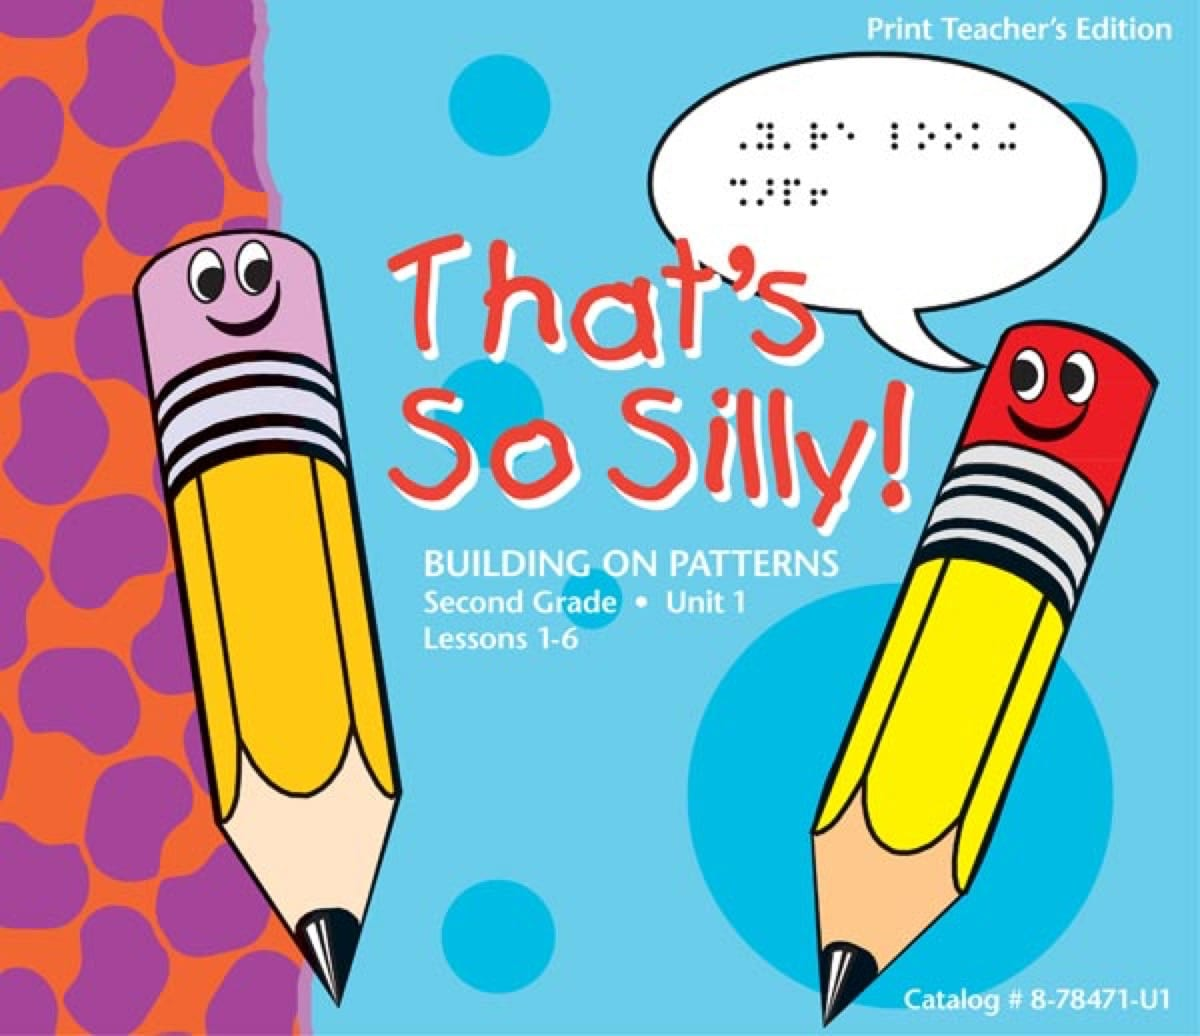 Unit 1 Teachers Edition Cover